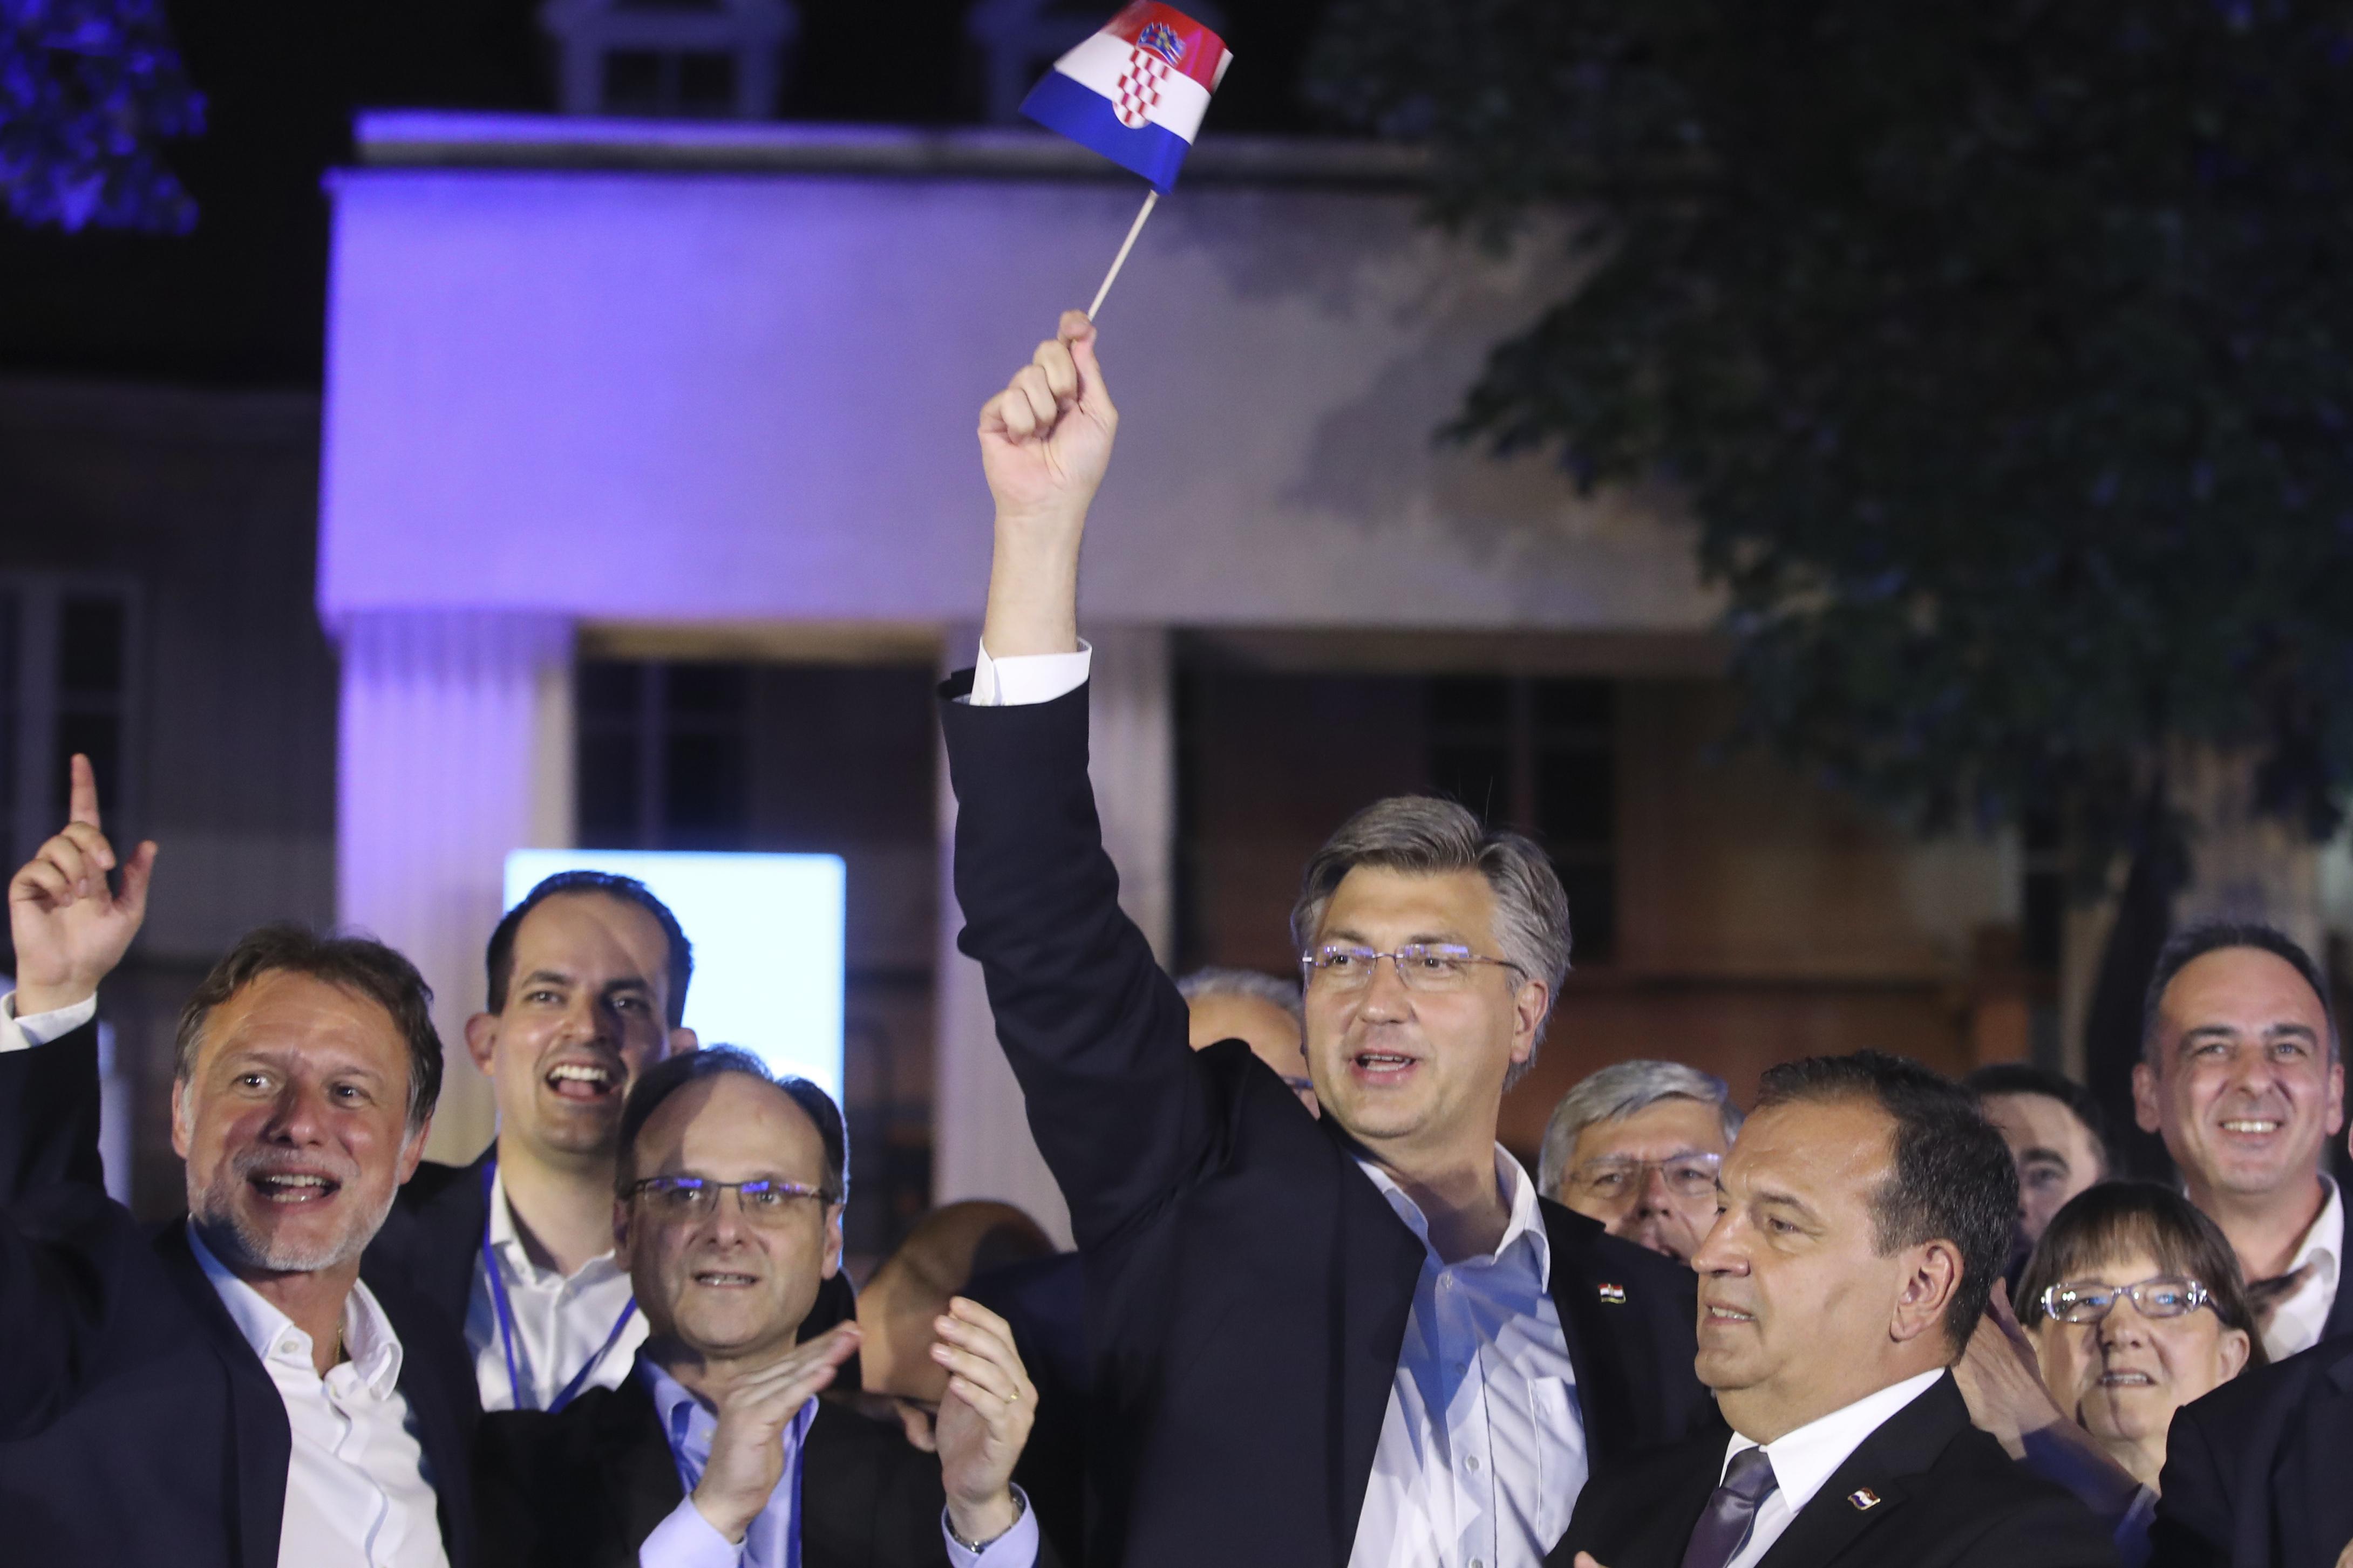 Izbori u Hrvatskoj: Ubedljiva pobeda HDZ-a, potop SDP-a